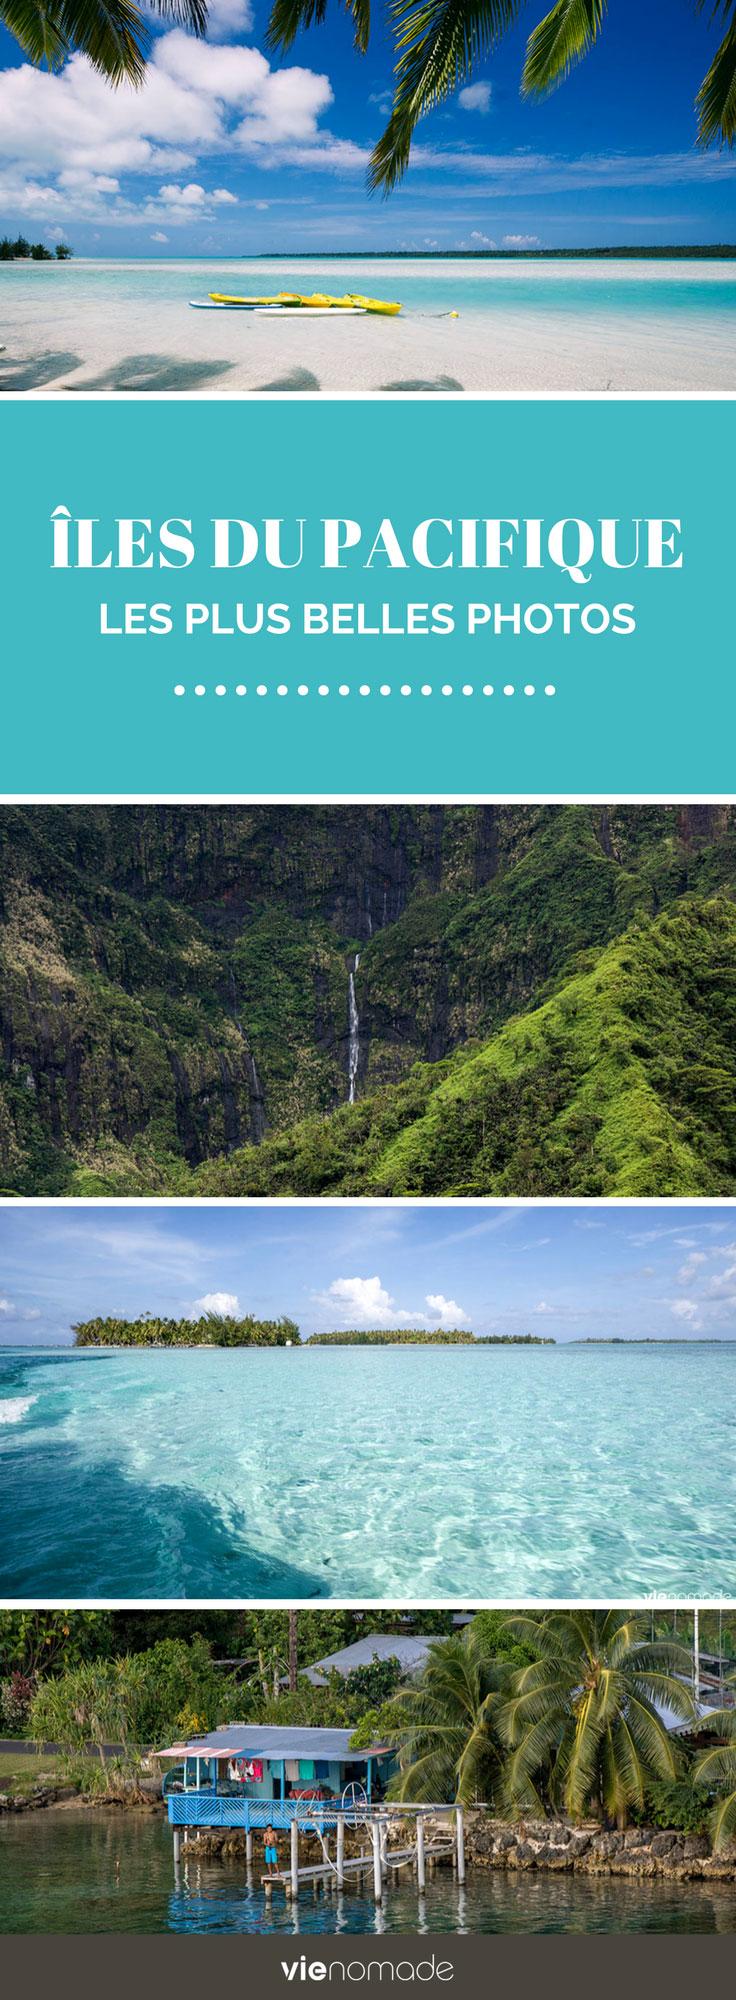 Photos des plus belles îles du Pacifique